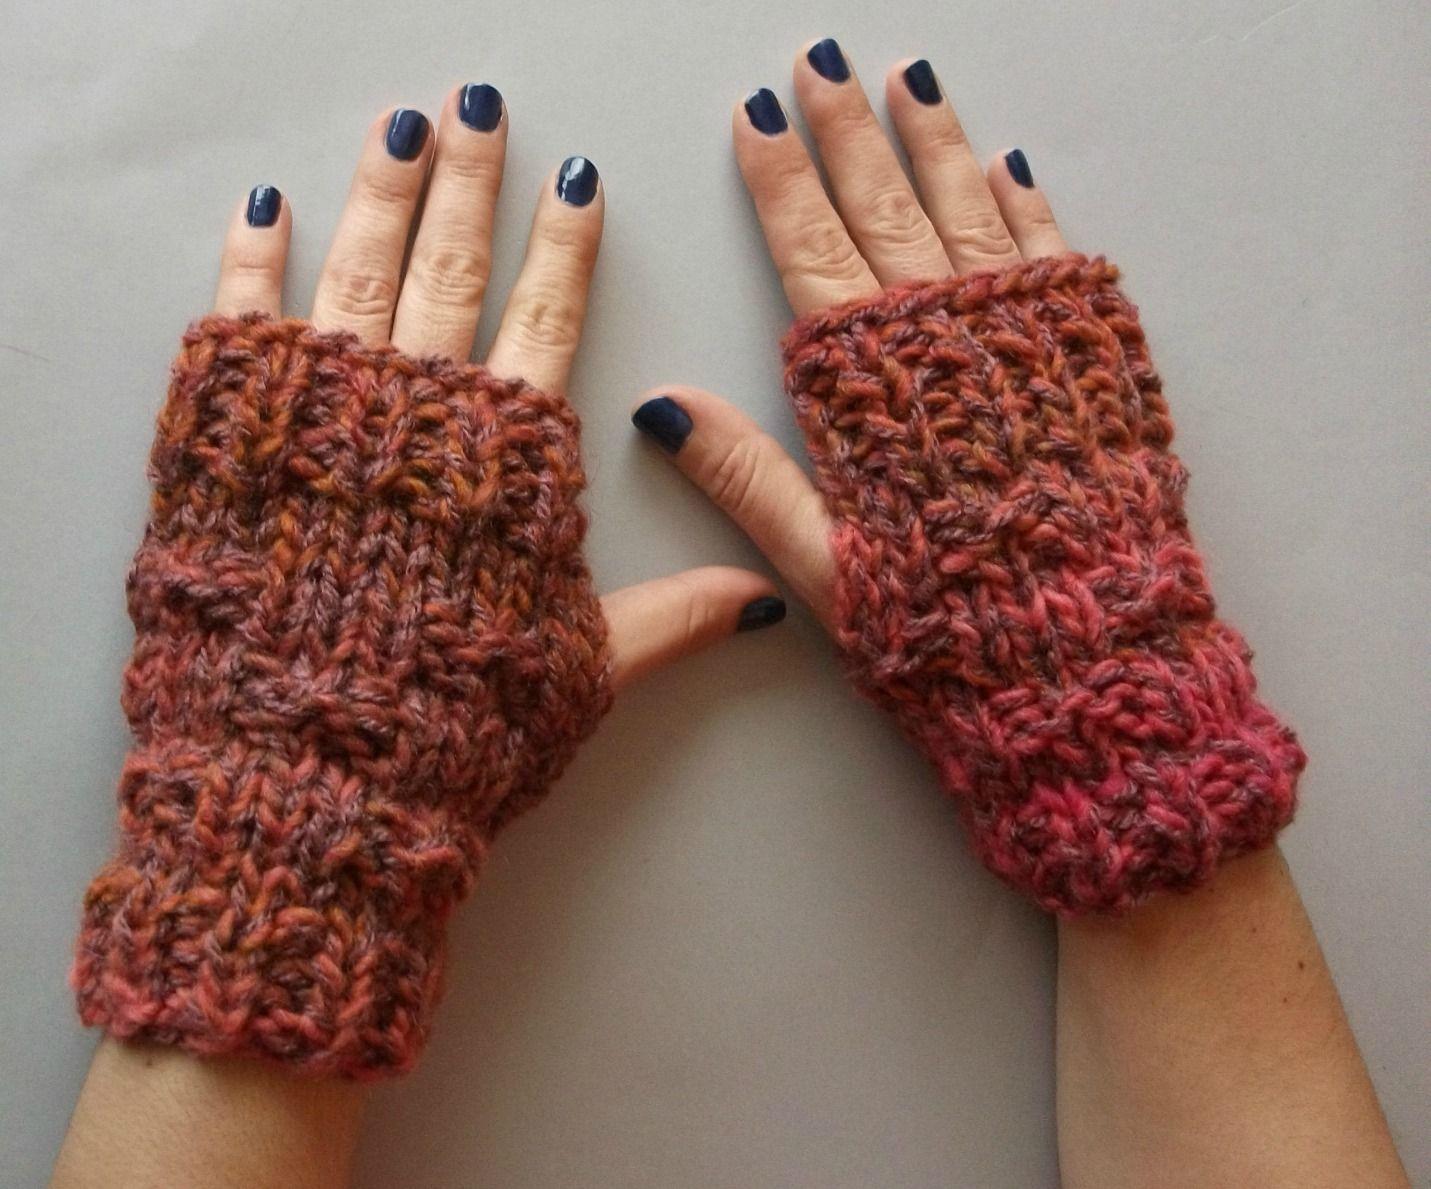 4c28d91f8709 Mitones de lana punto a dos agujas tutorial hazlo tu mismo diy ...